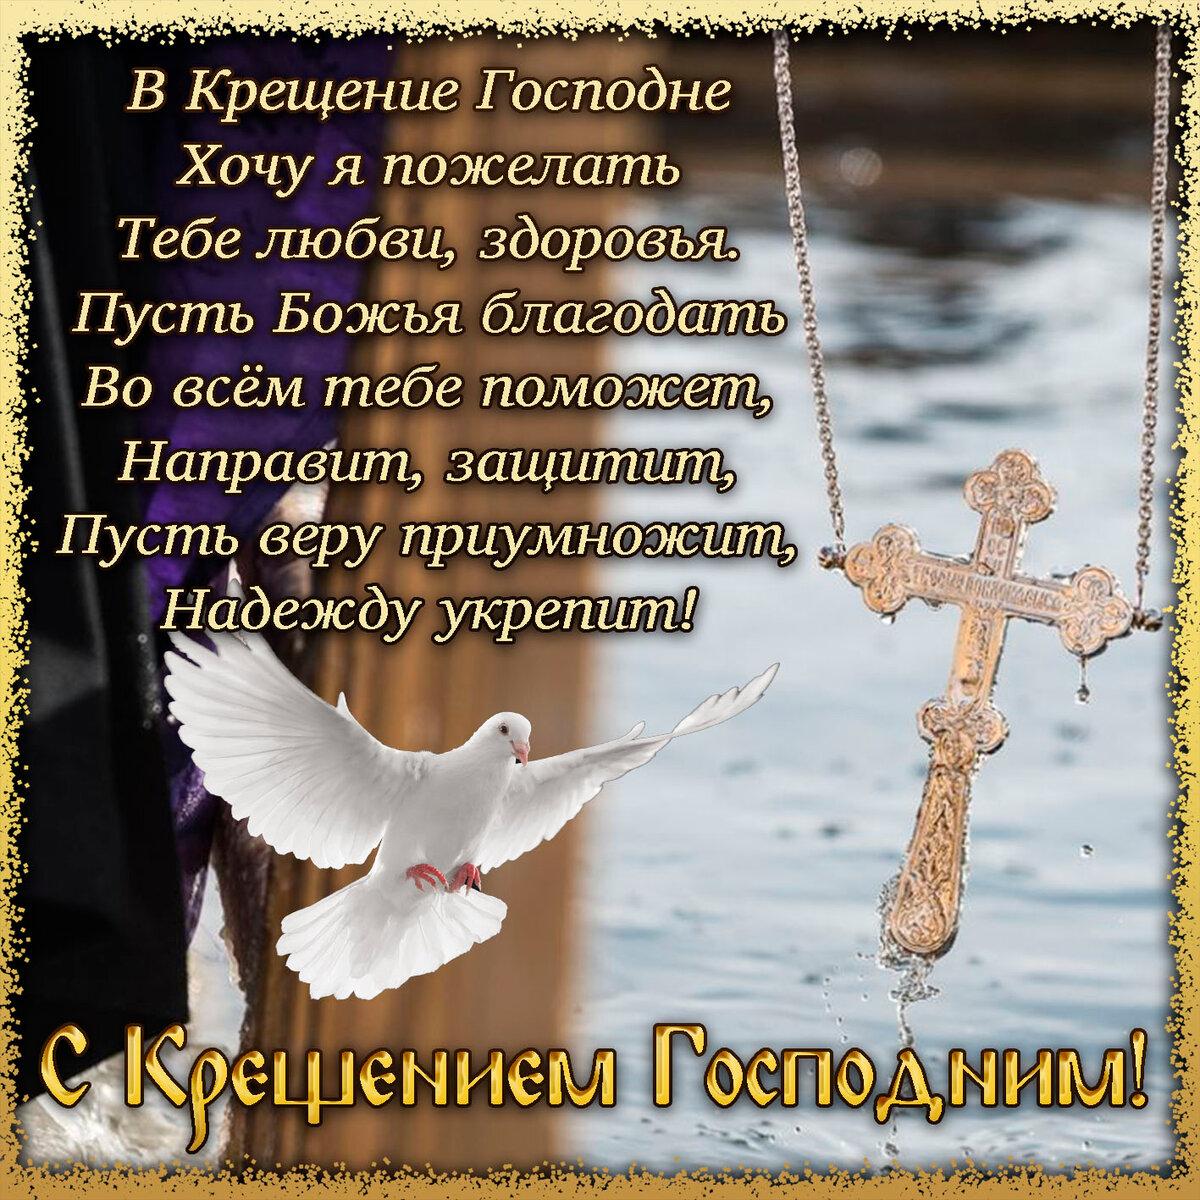 Смс с поздравлением крещением